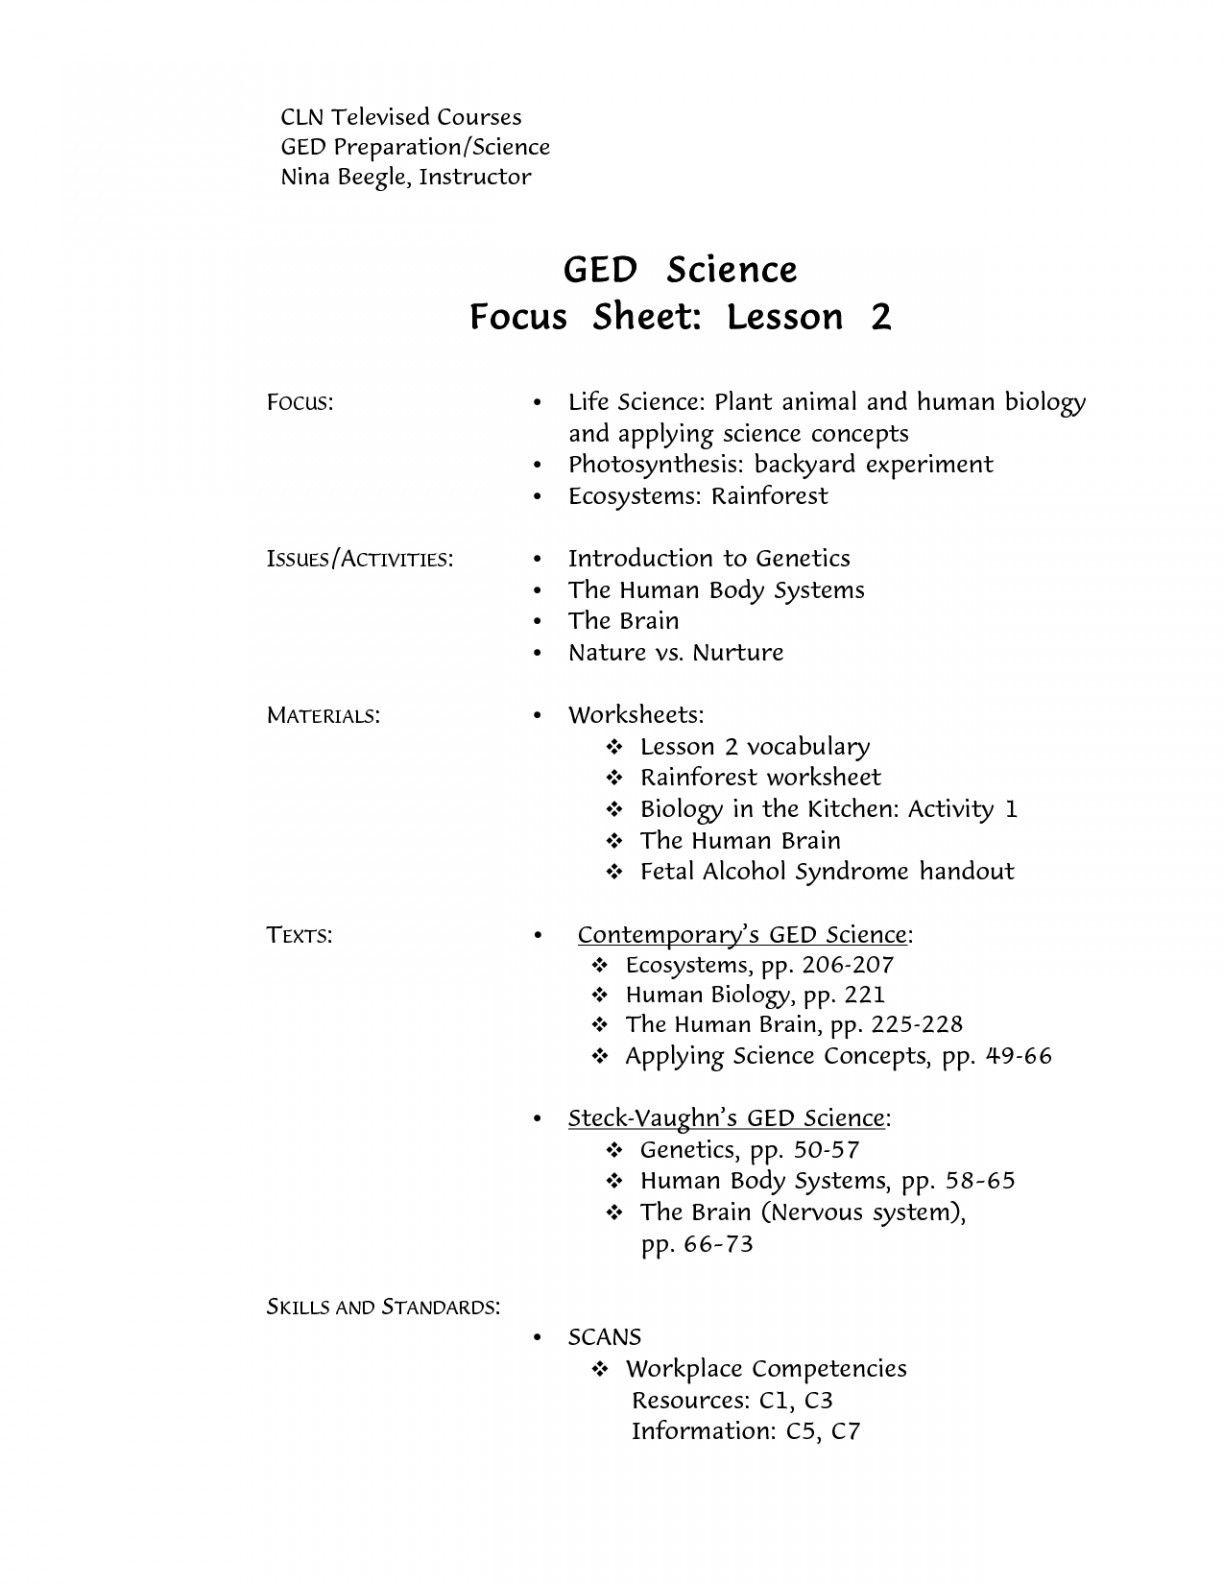 Goal Setting Worksheet For Students